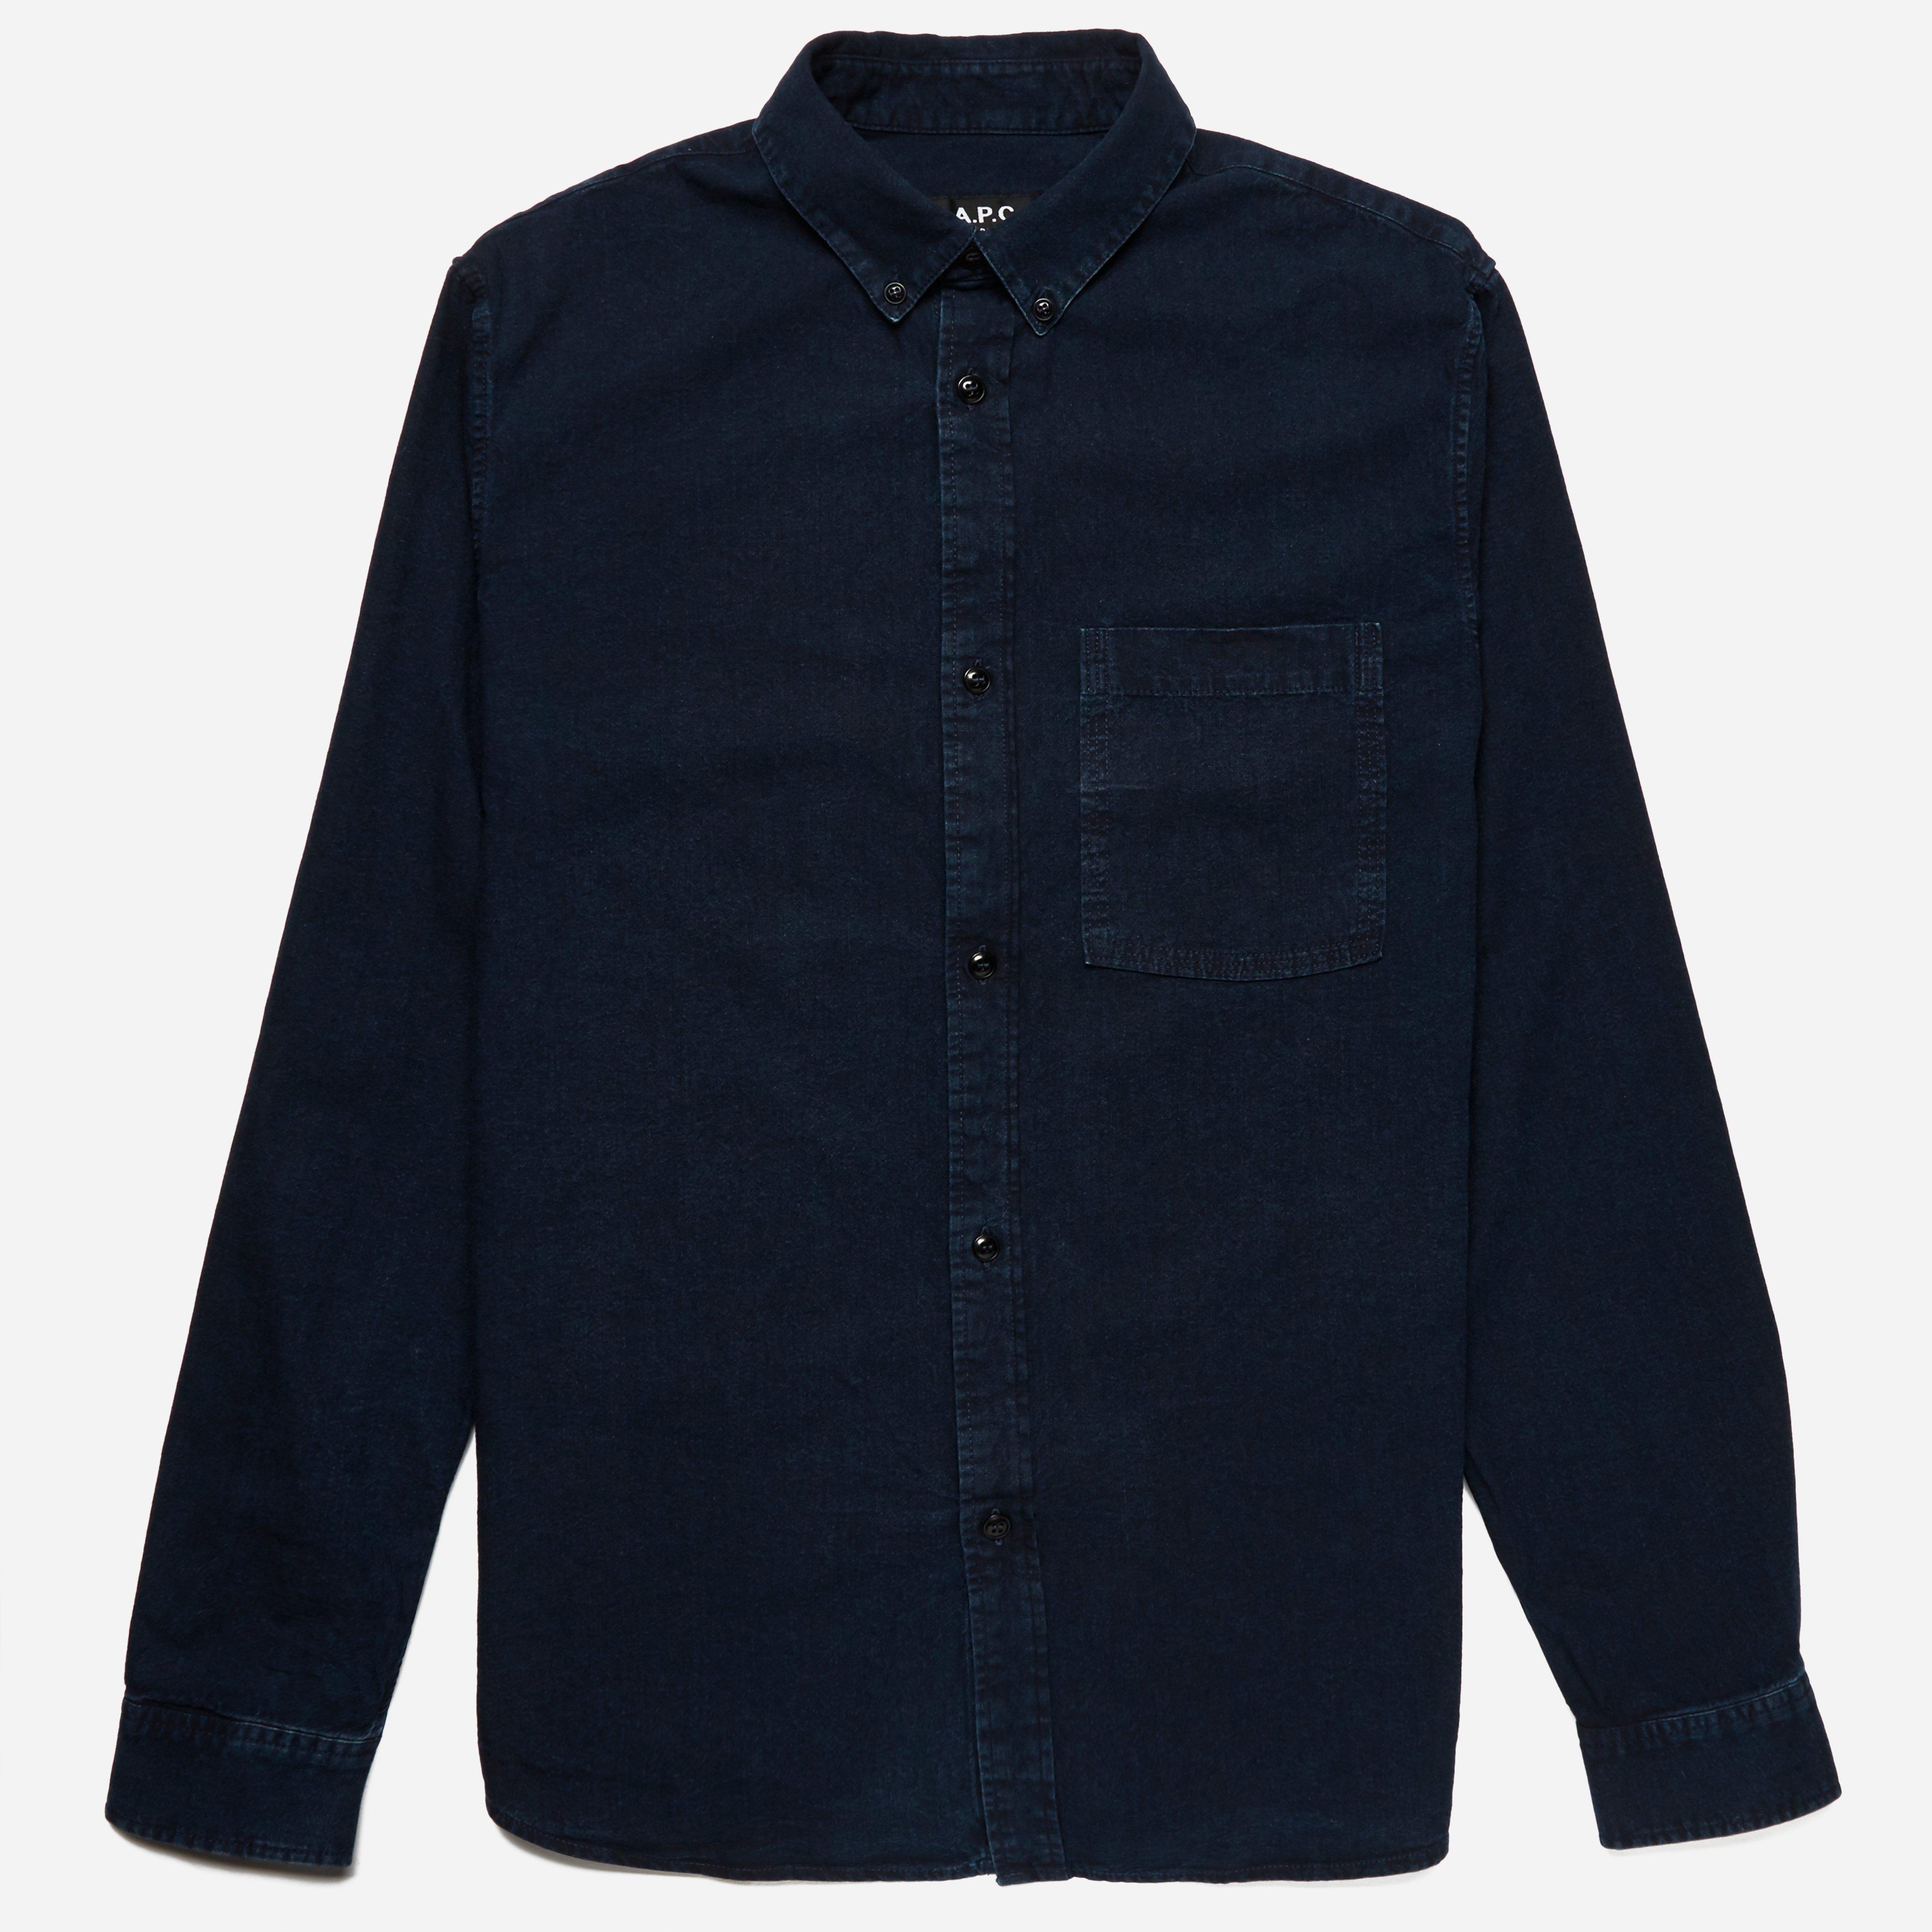 A.P.C Clift Shirt